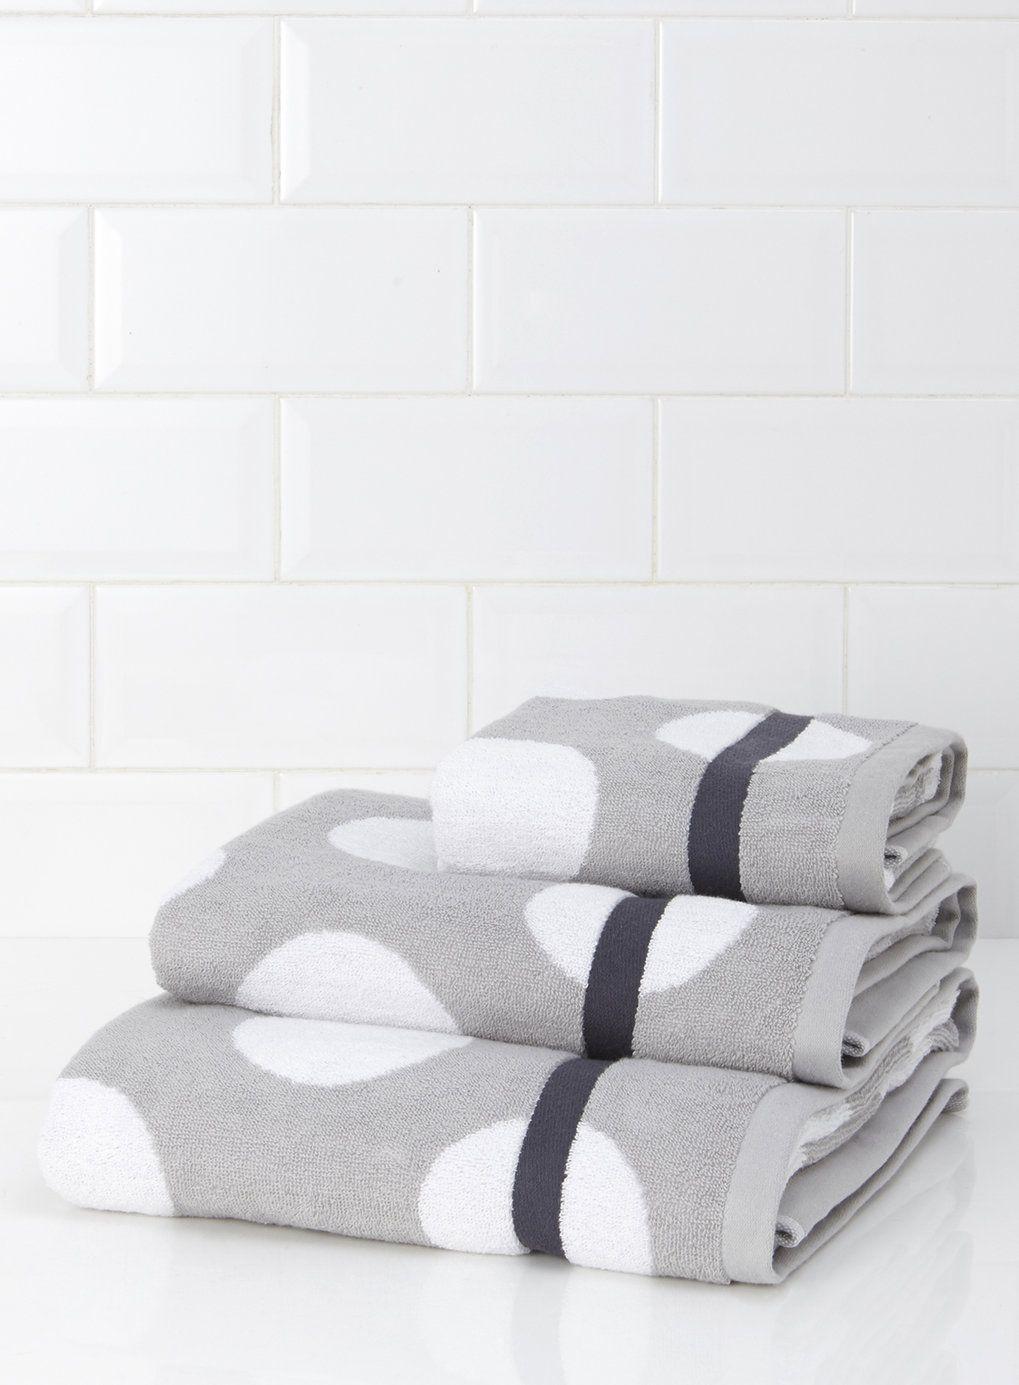 Monochrome Oversized Spot Towel Towel Cotton Bath Towels Home